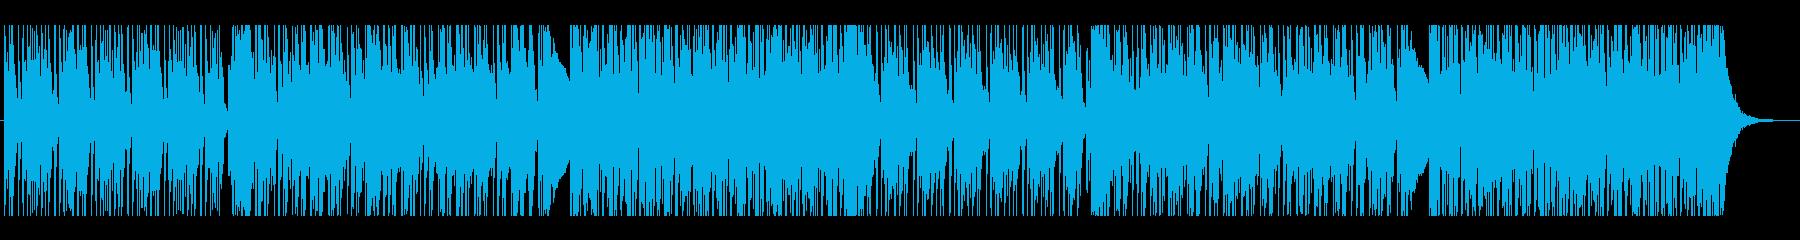 エピック、ストンプ、クラップ、の再生済みの波形